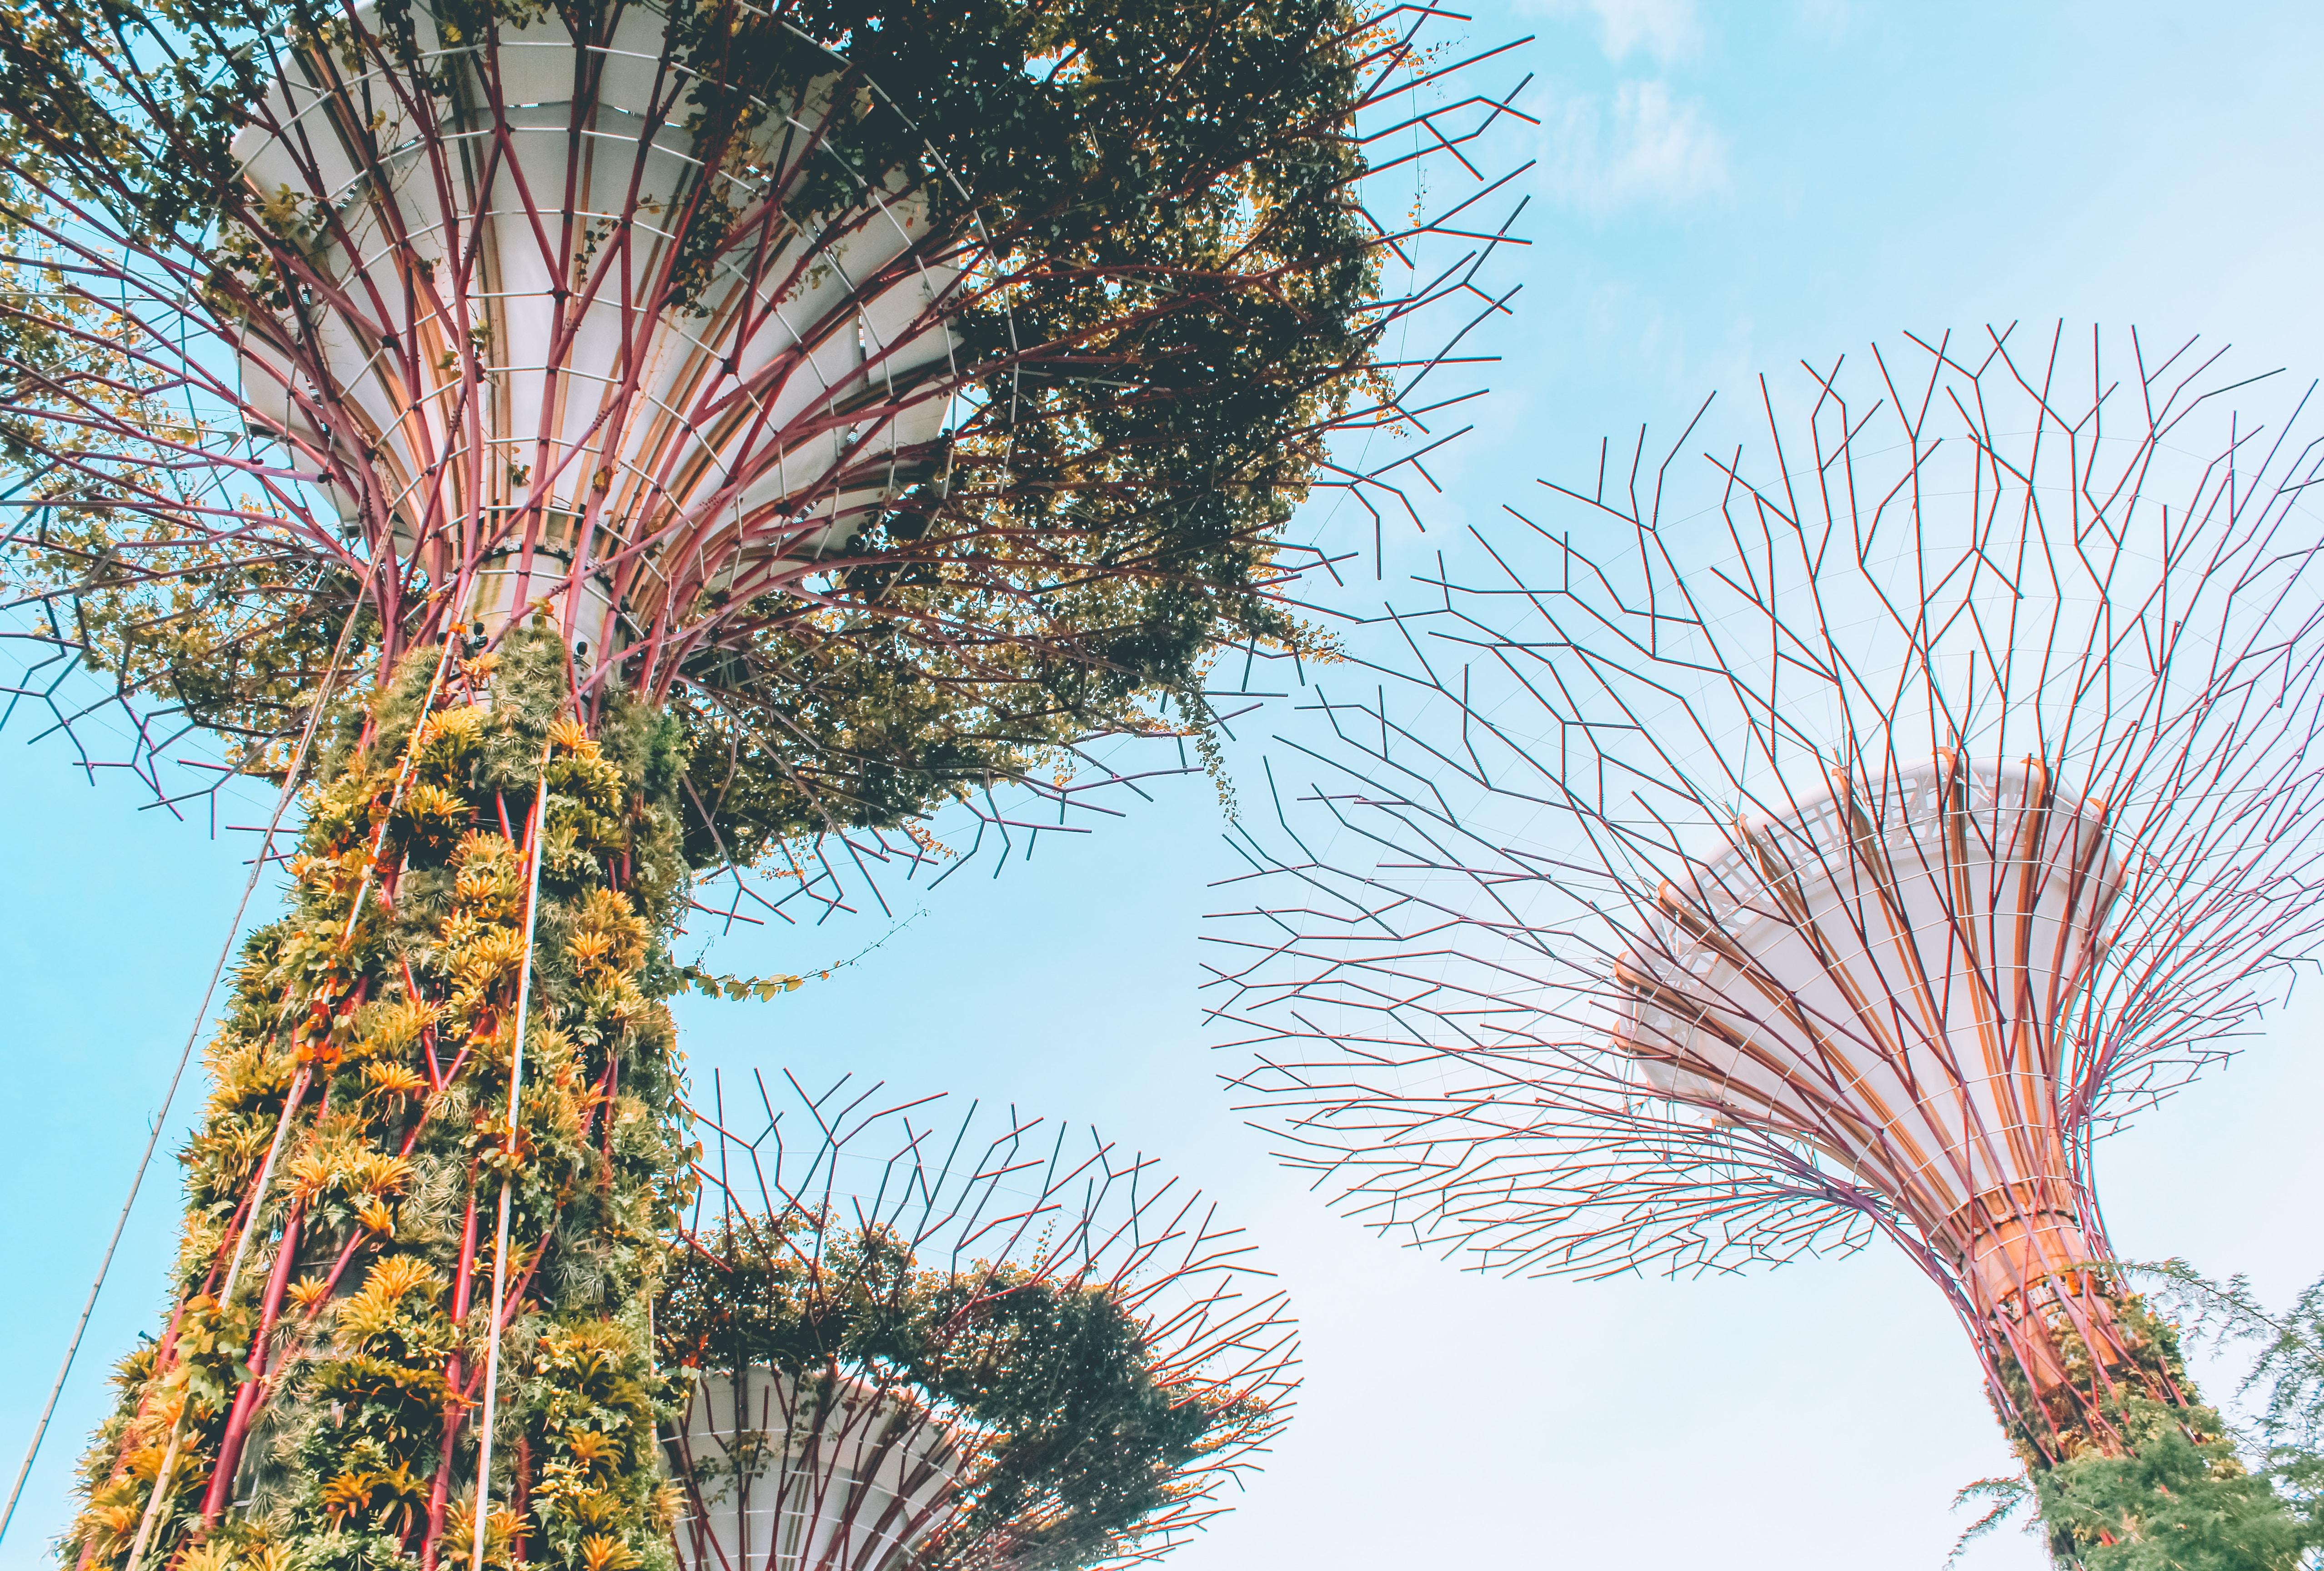 yellow flowering tree during daytime